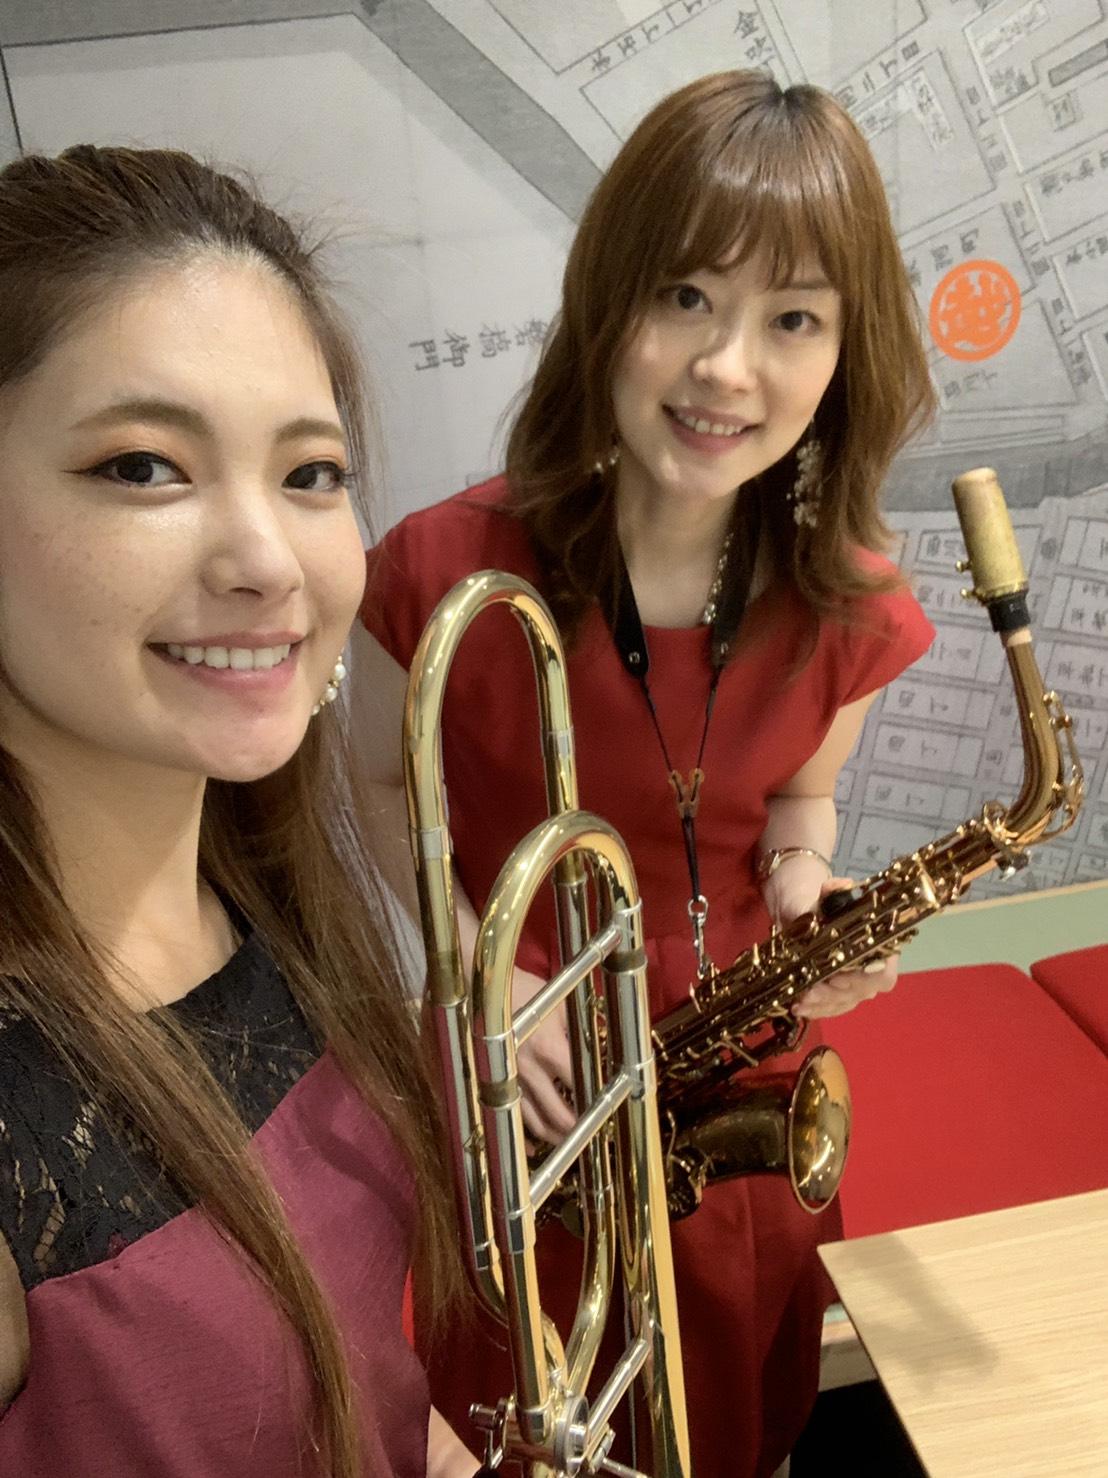 三越日本橋本店にてリフレッシュオープンイベント生演奏でした